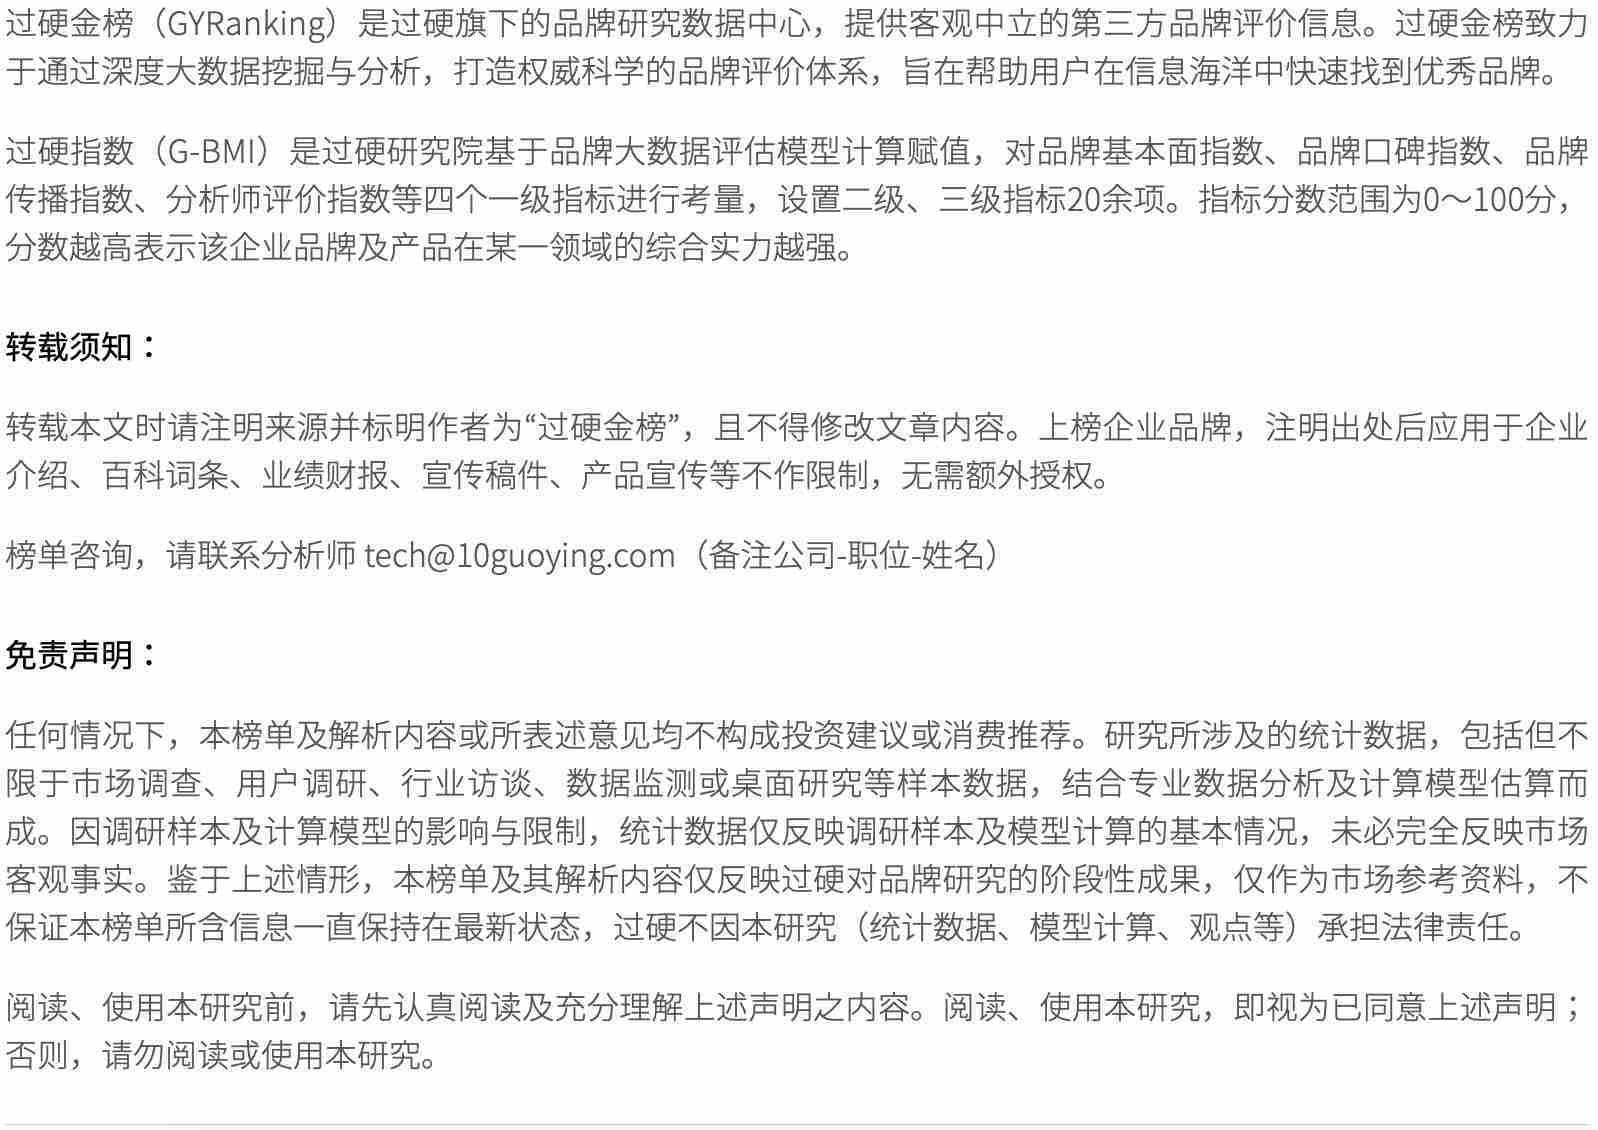 宝石价格排行_2021中国珠宝品牌价值排行榜前十名单最新发布